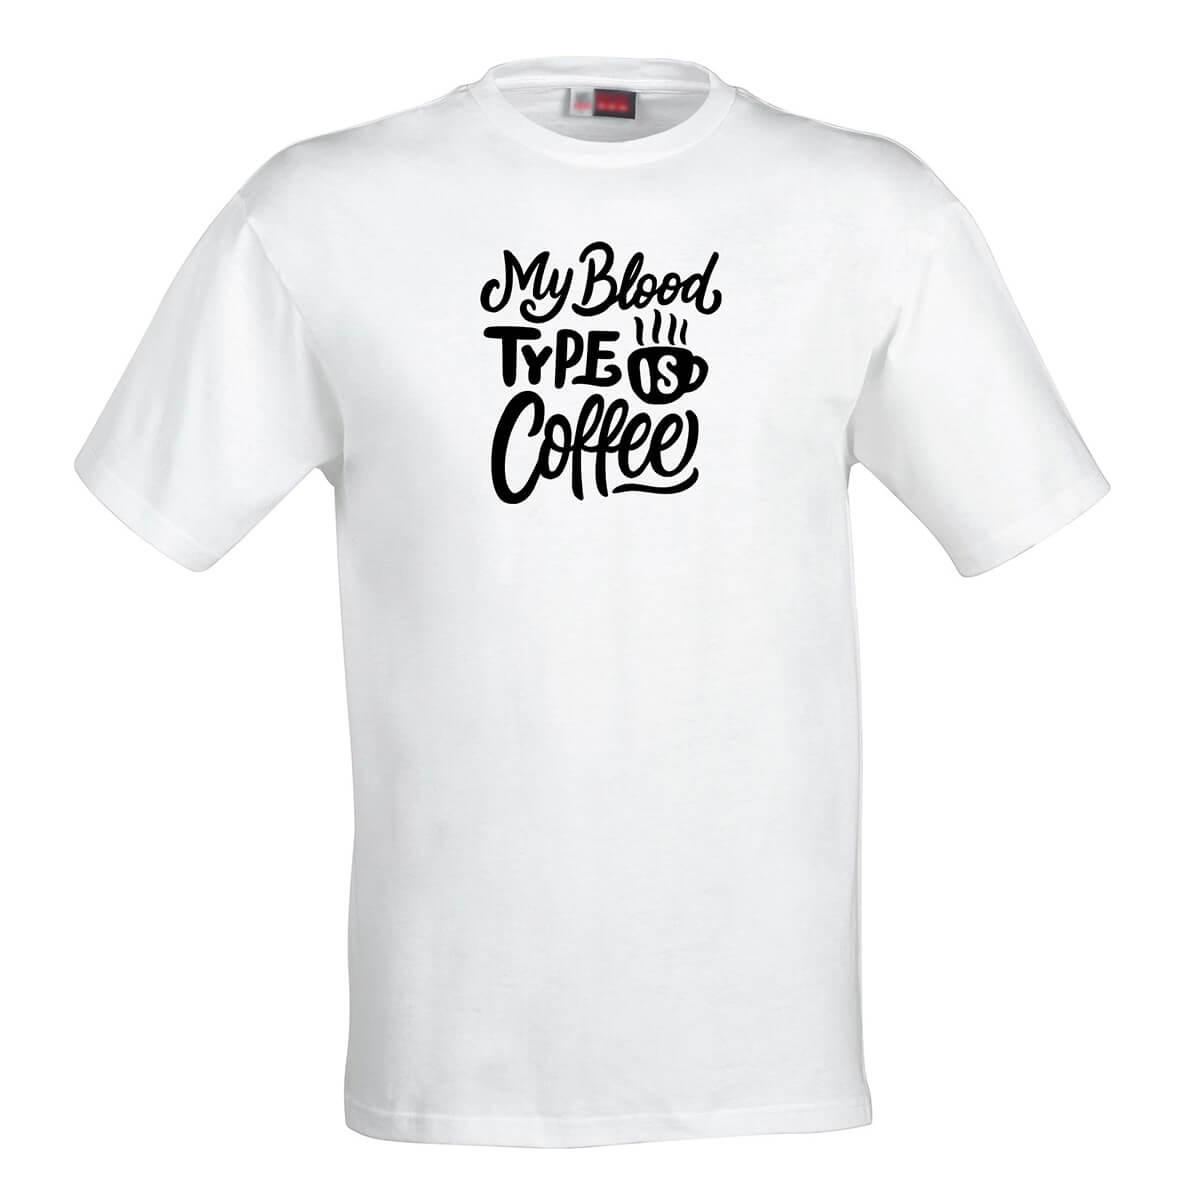 Pánske tričko My blood type is coffee - veľkosť S